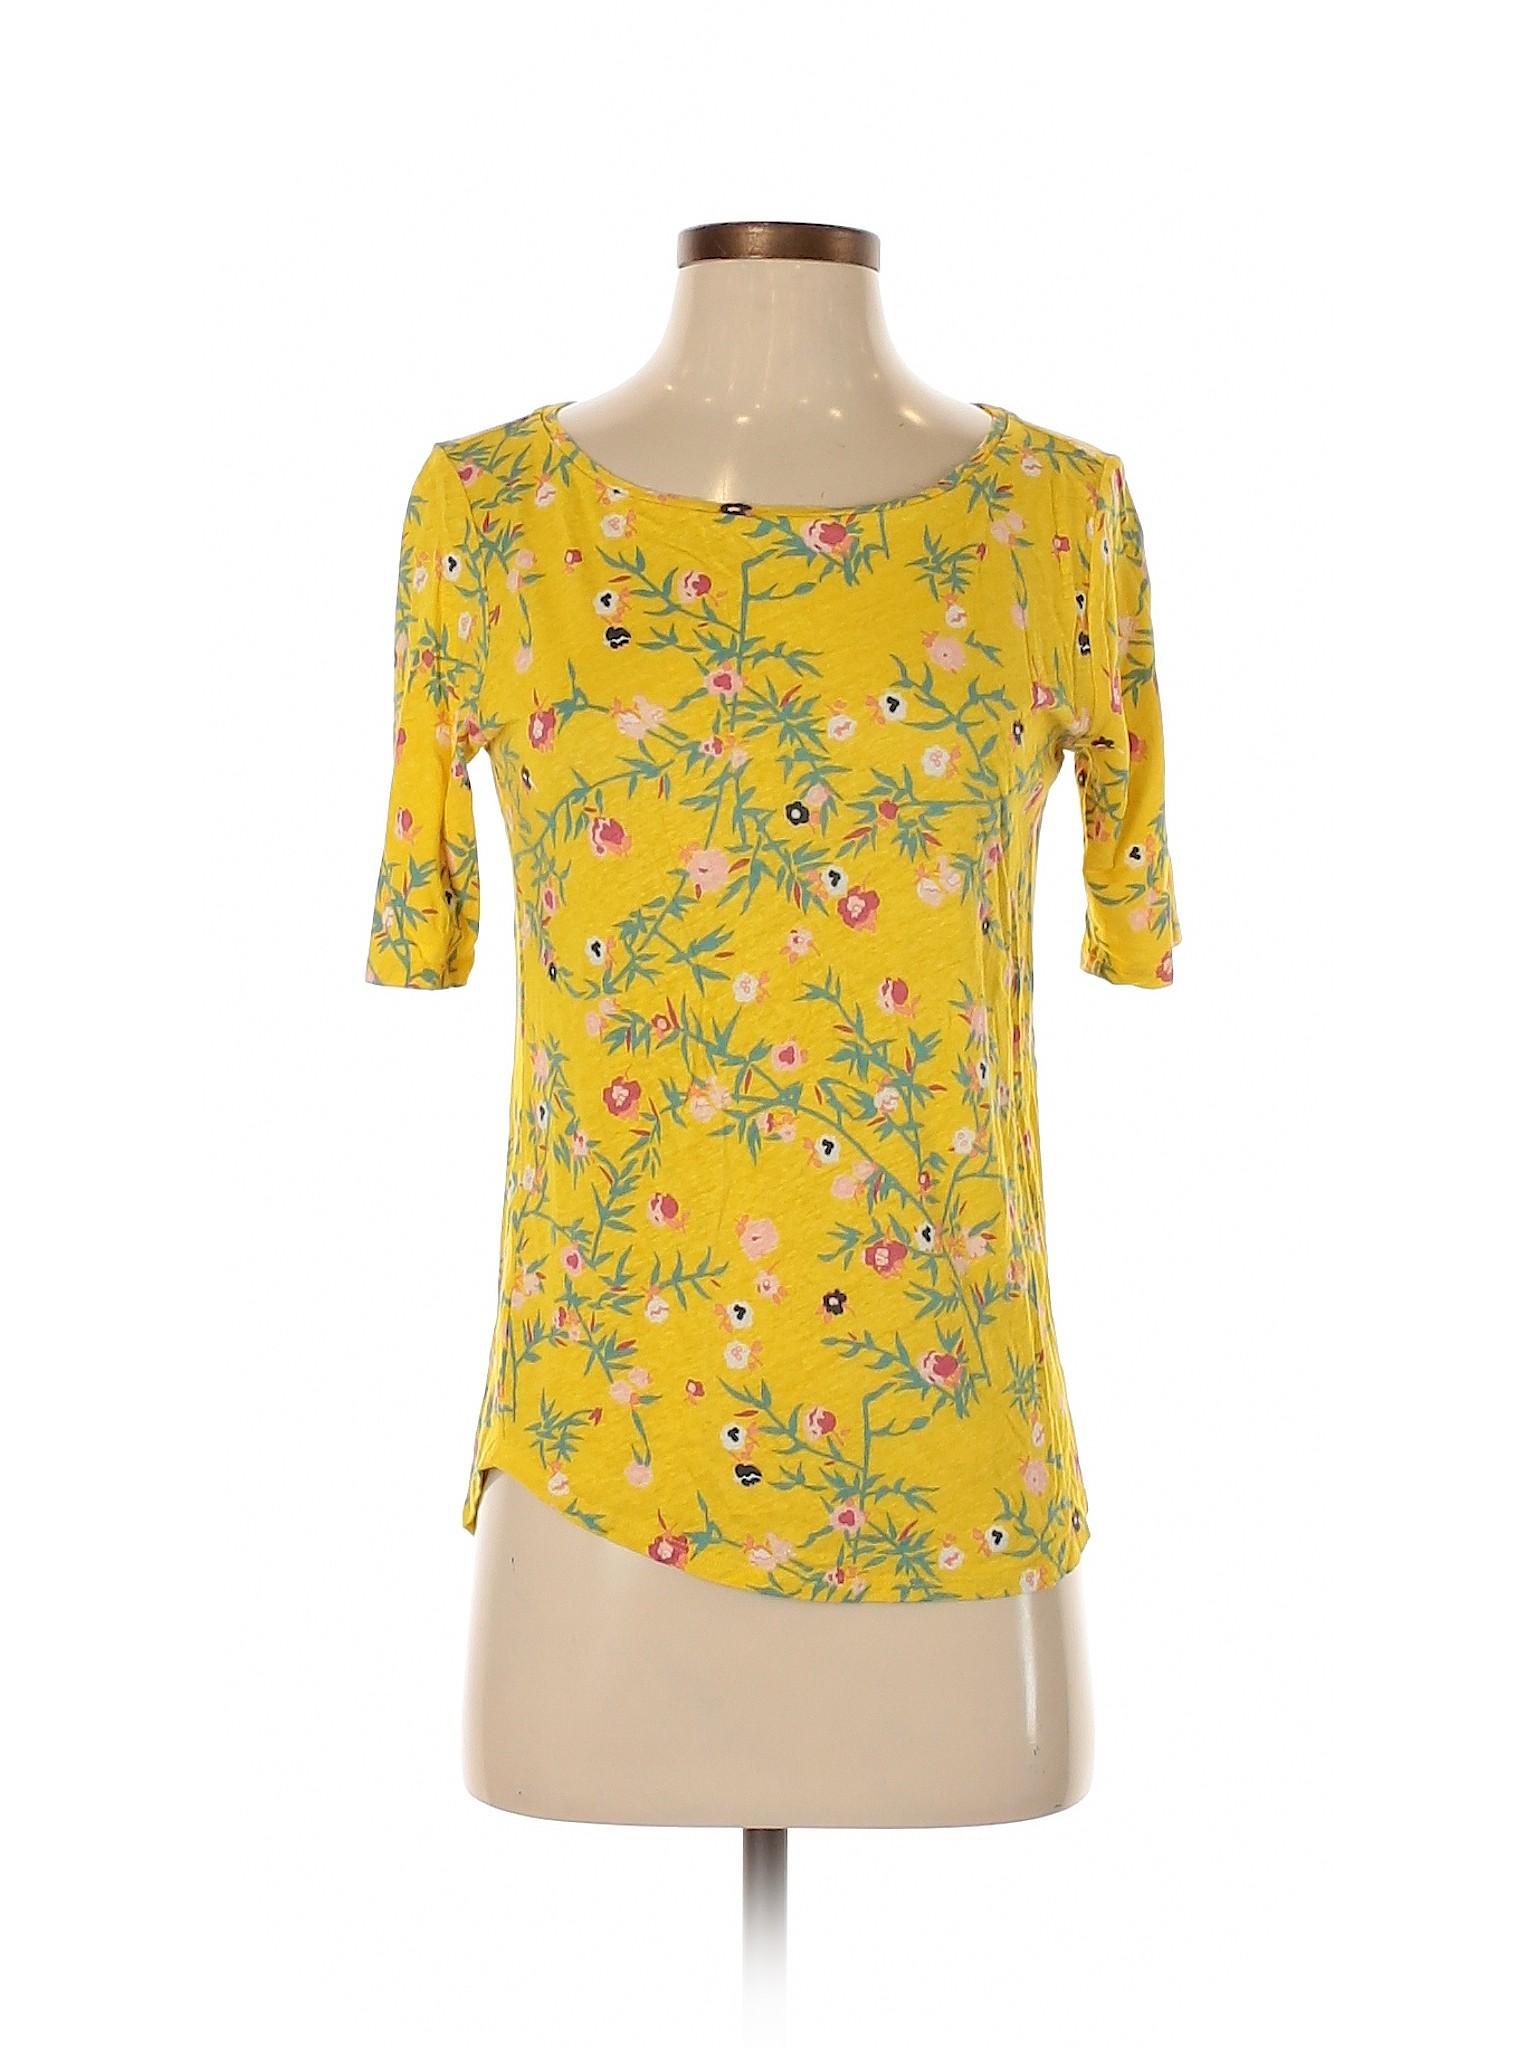 4e0975e72506d Short Sleeve T-Shirt